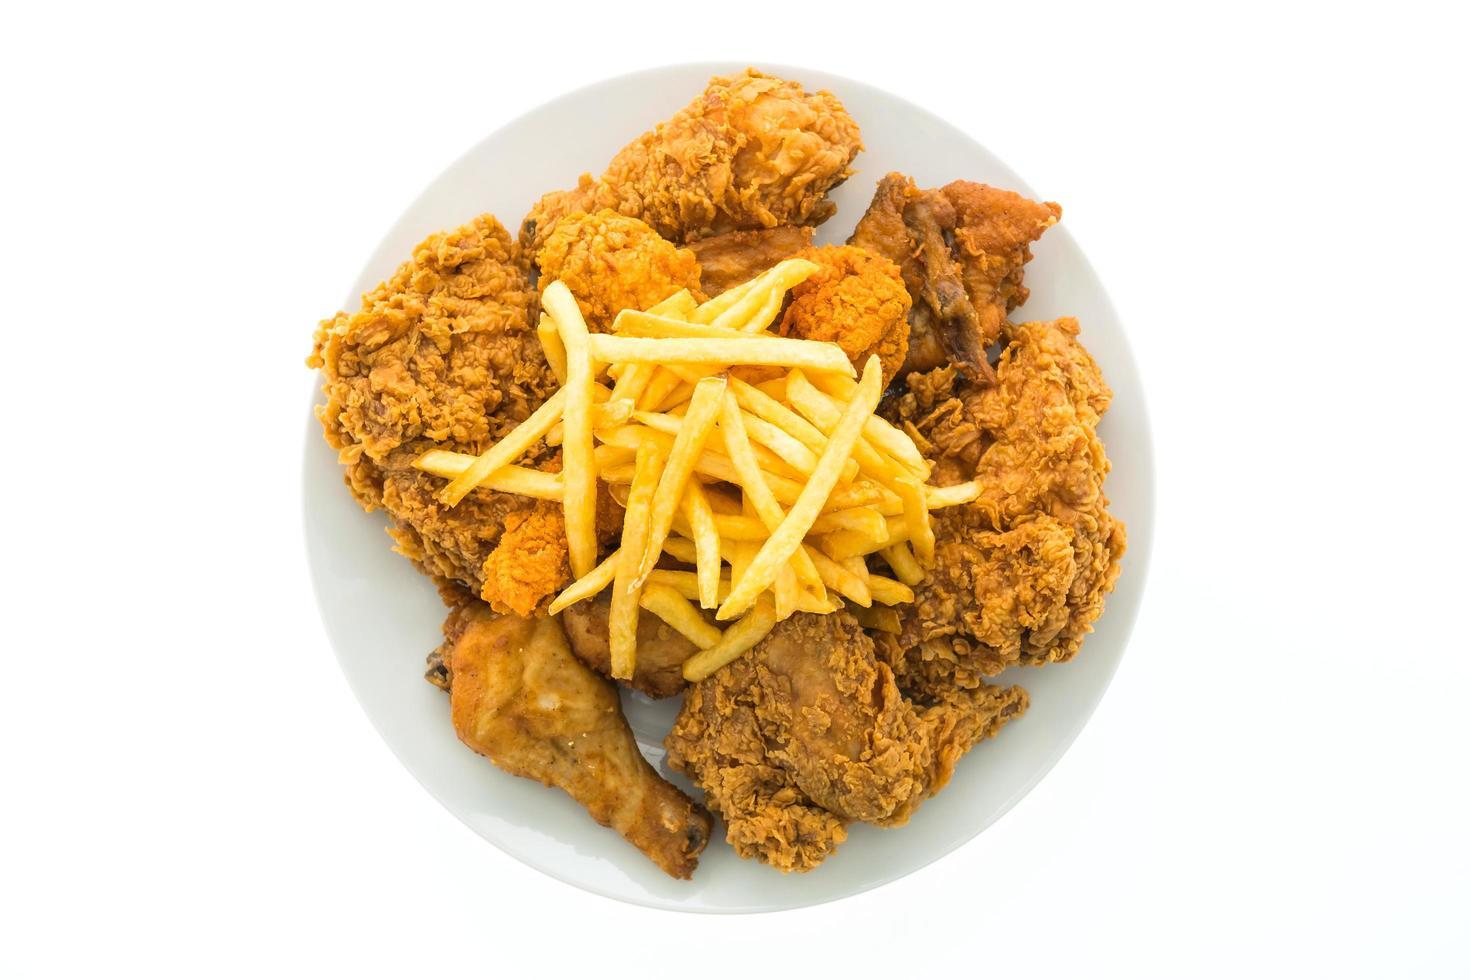 gebakken kip en frietjes op een witte plaat foto